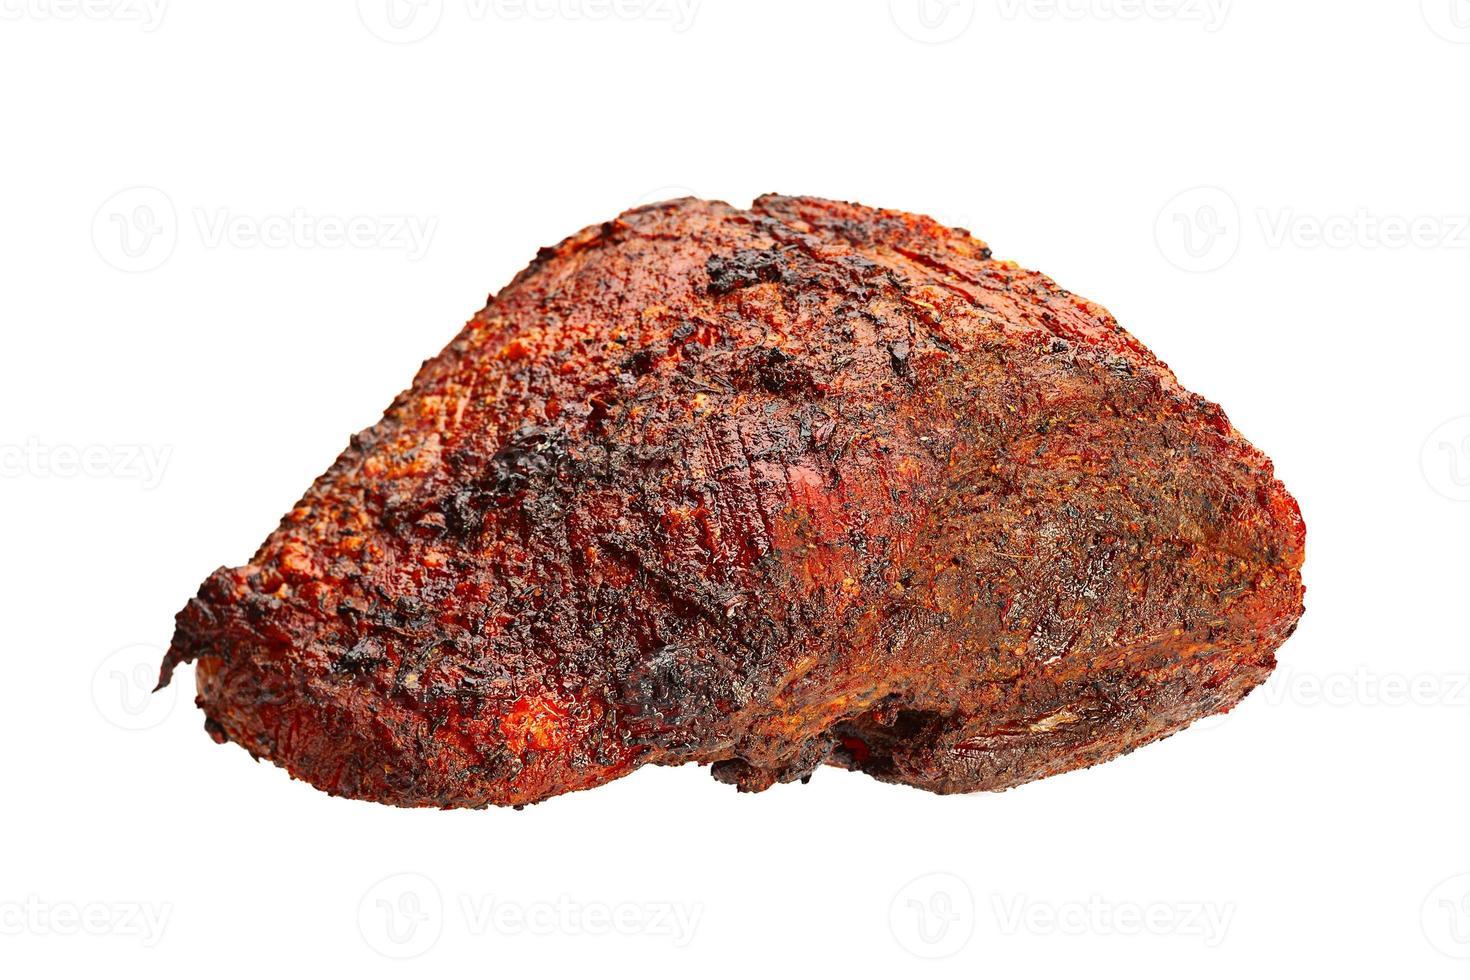 griskött bakat kött foto